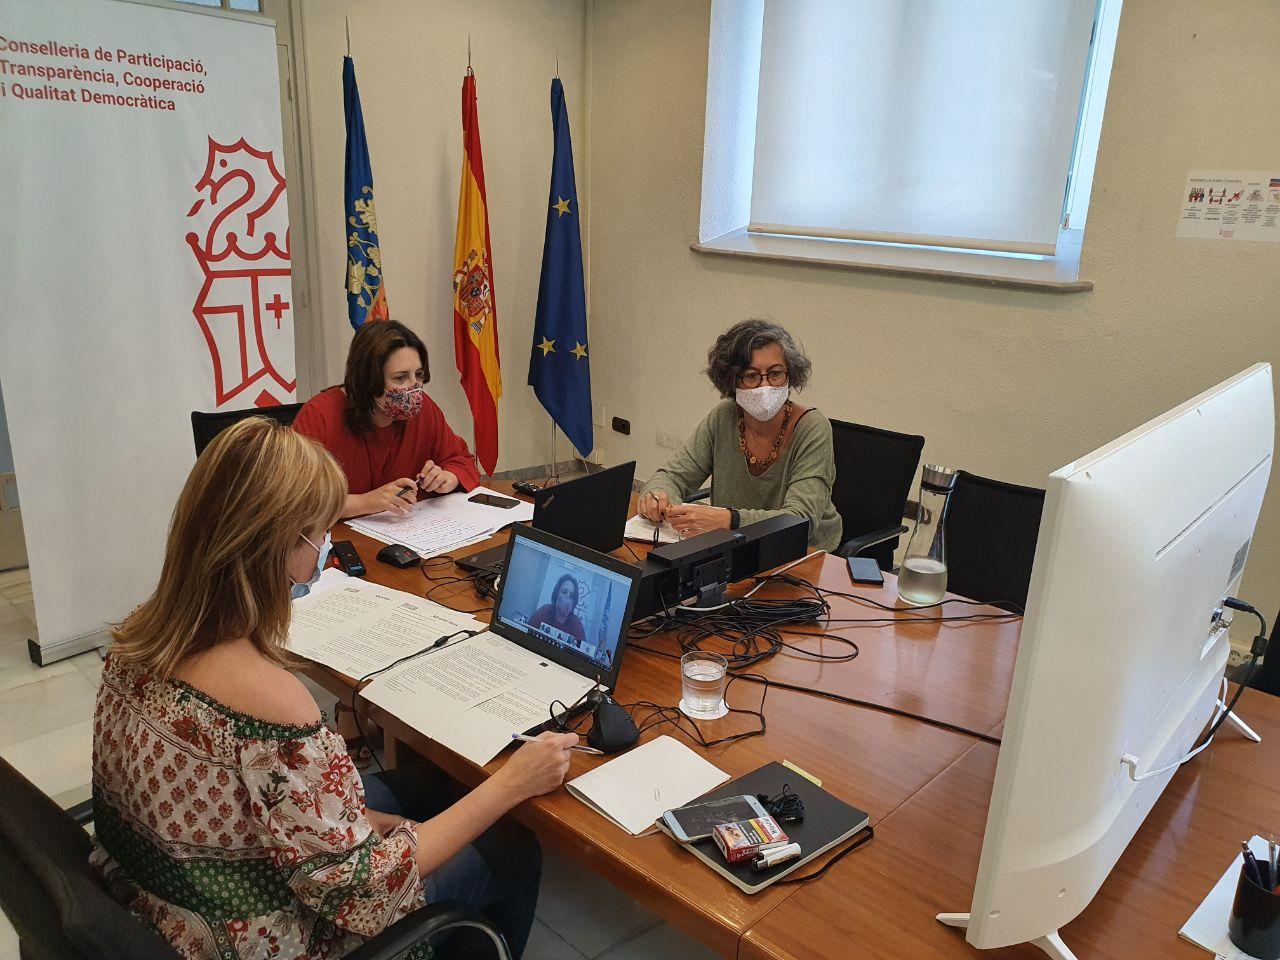 La consellera Pérez Garijo preside las áreas de Participación y Cooperación del Proyecto Alcem-nos en la FVMP